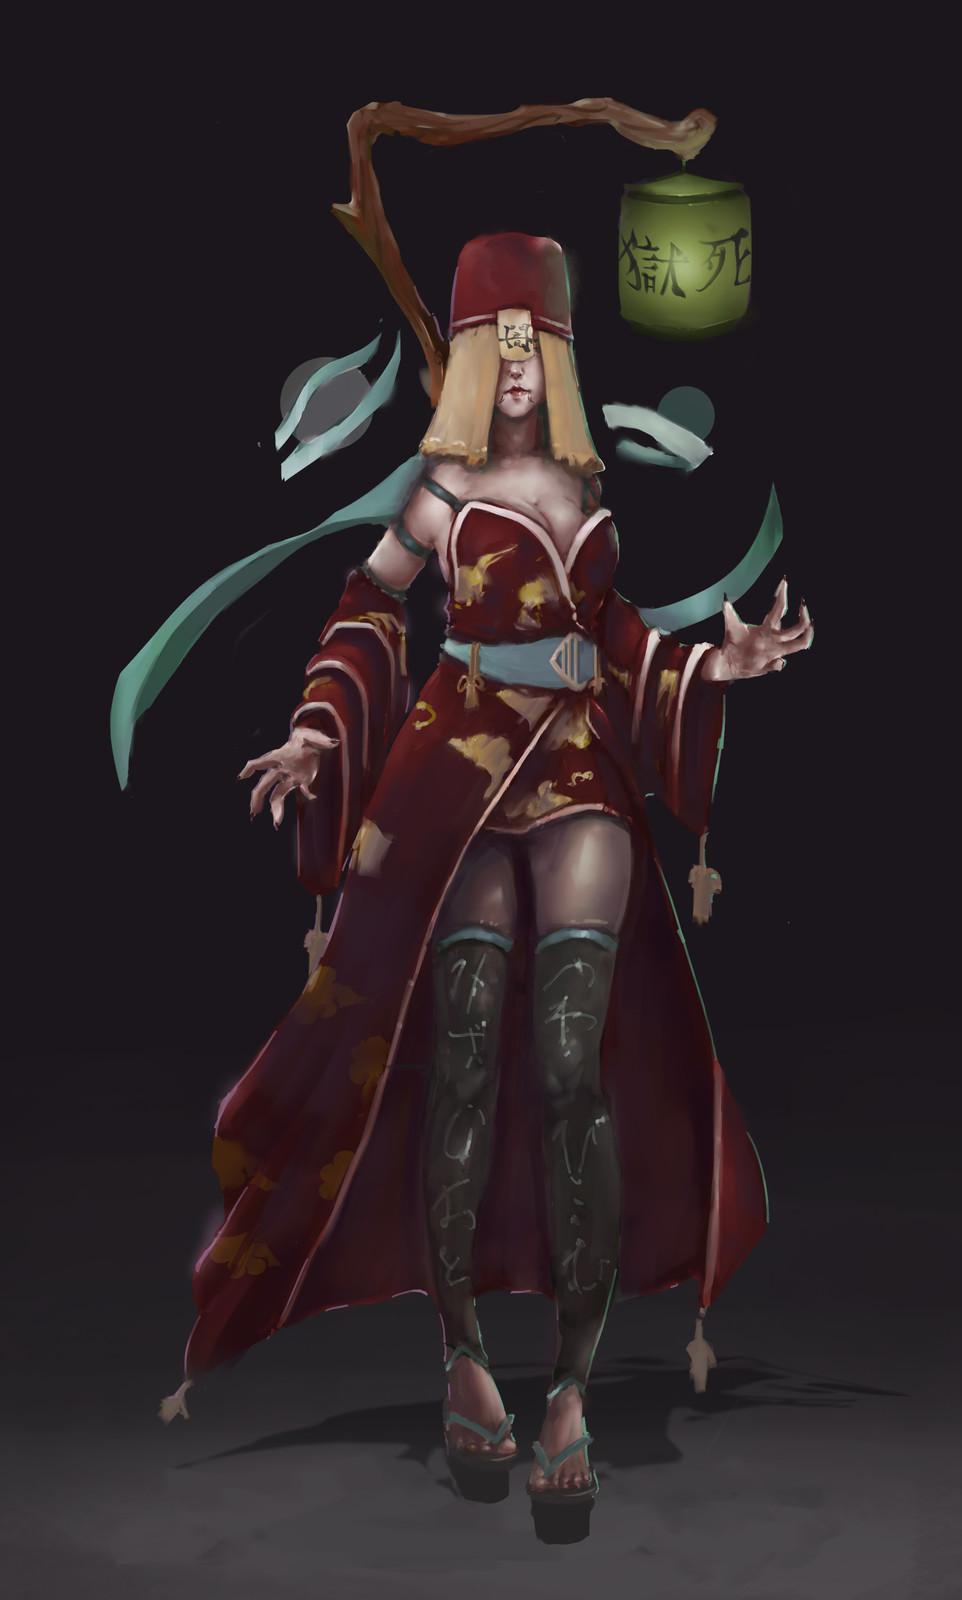 Enchantress - Project Orību